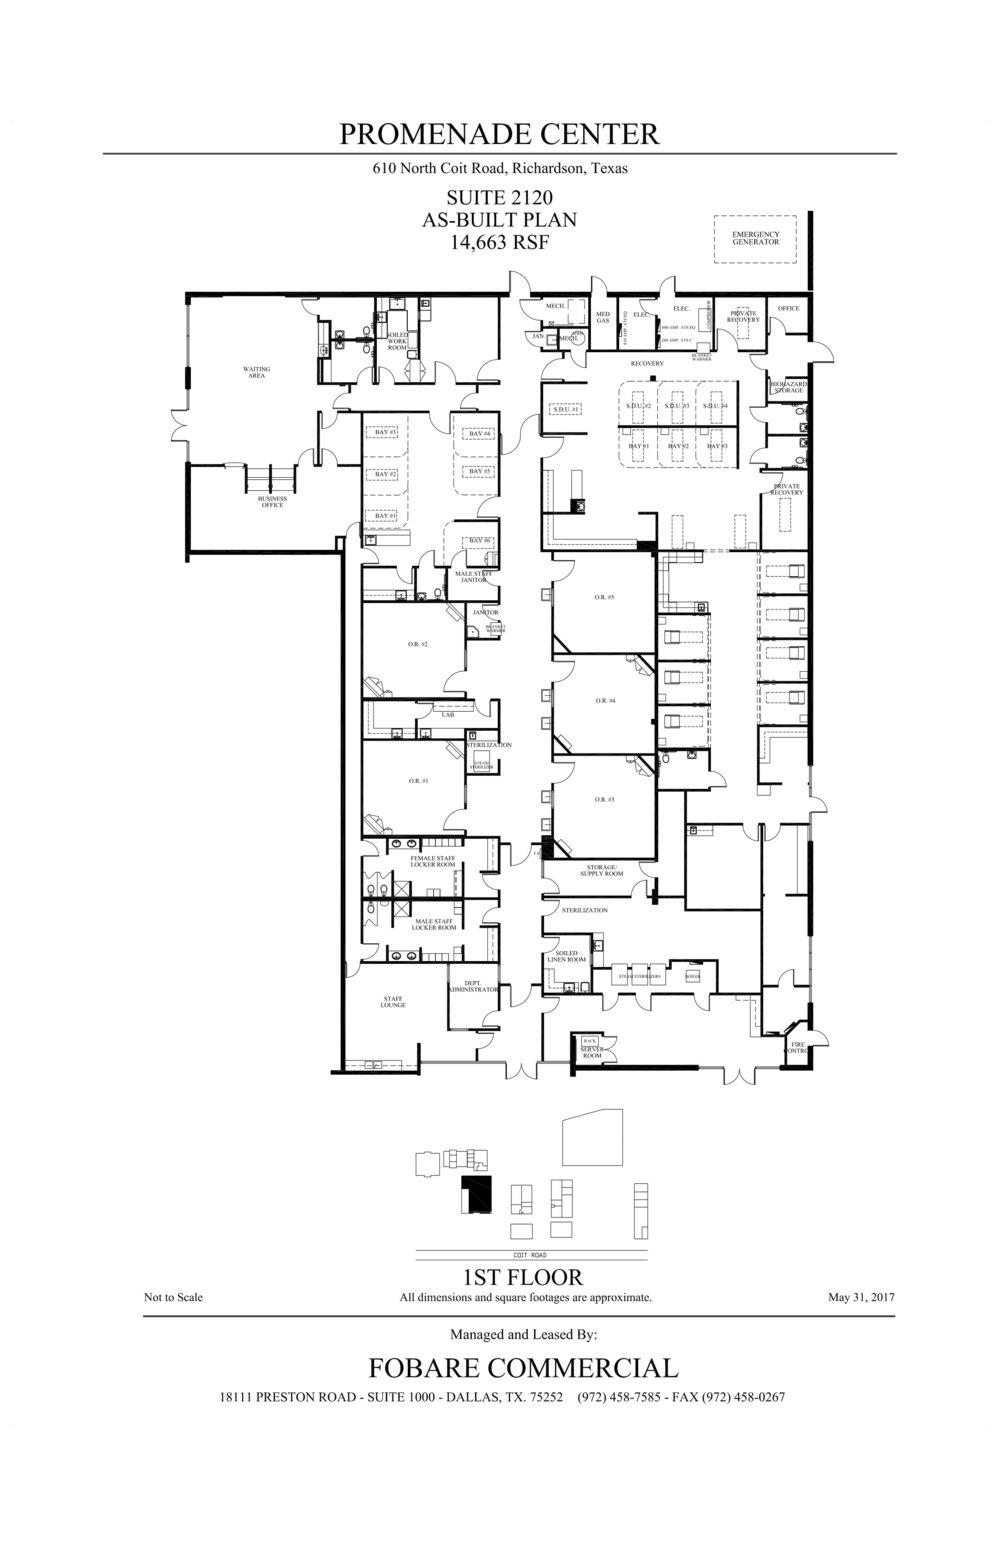 Promenade Center - Suite 2120 - As-built plan-1